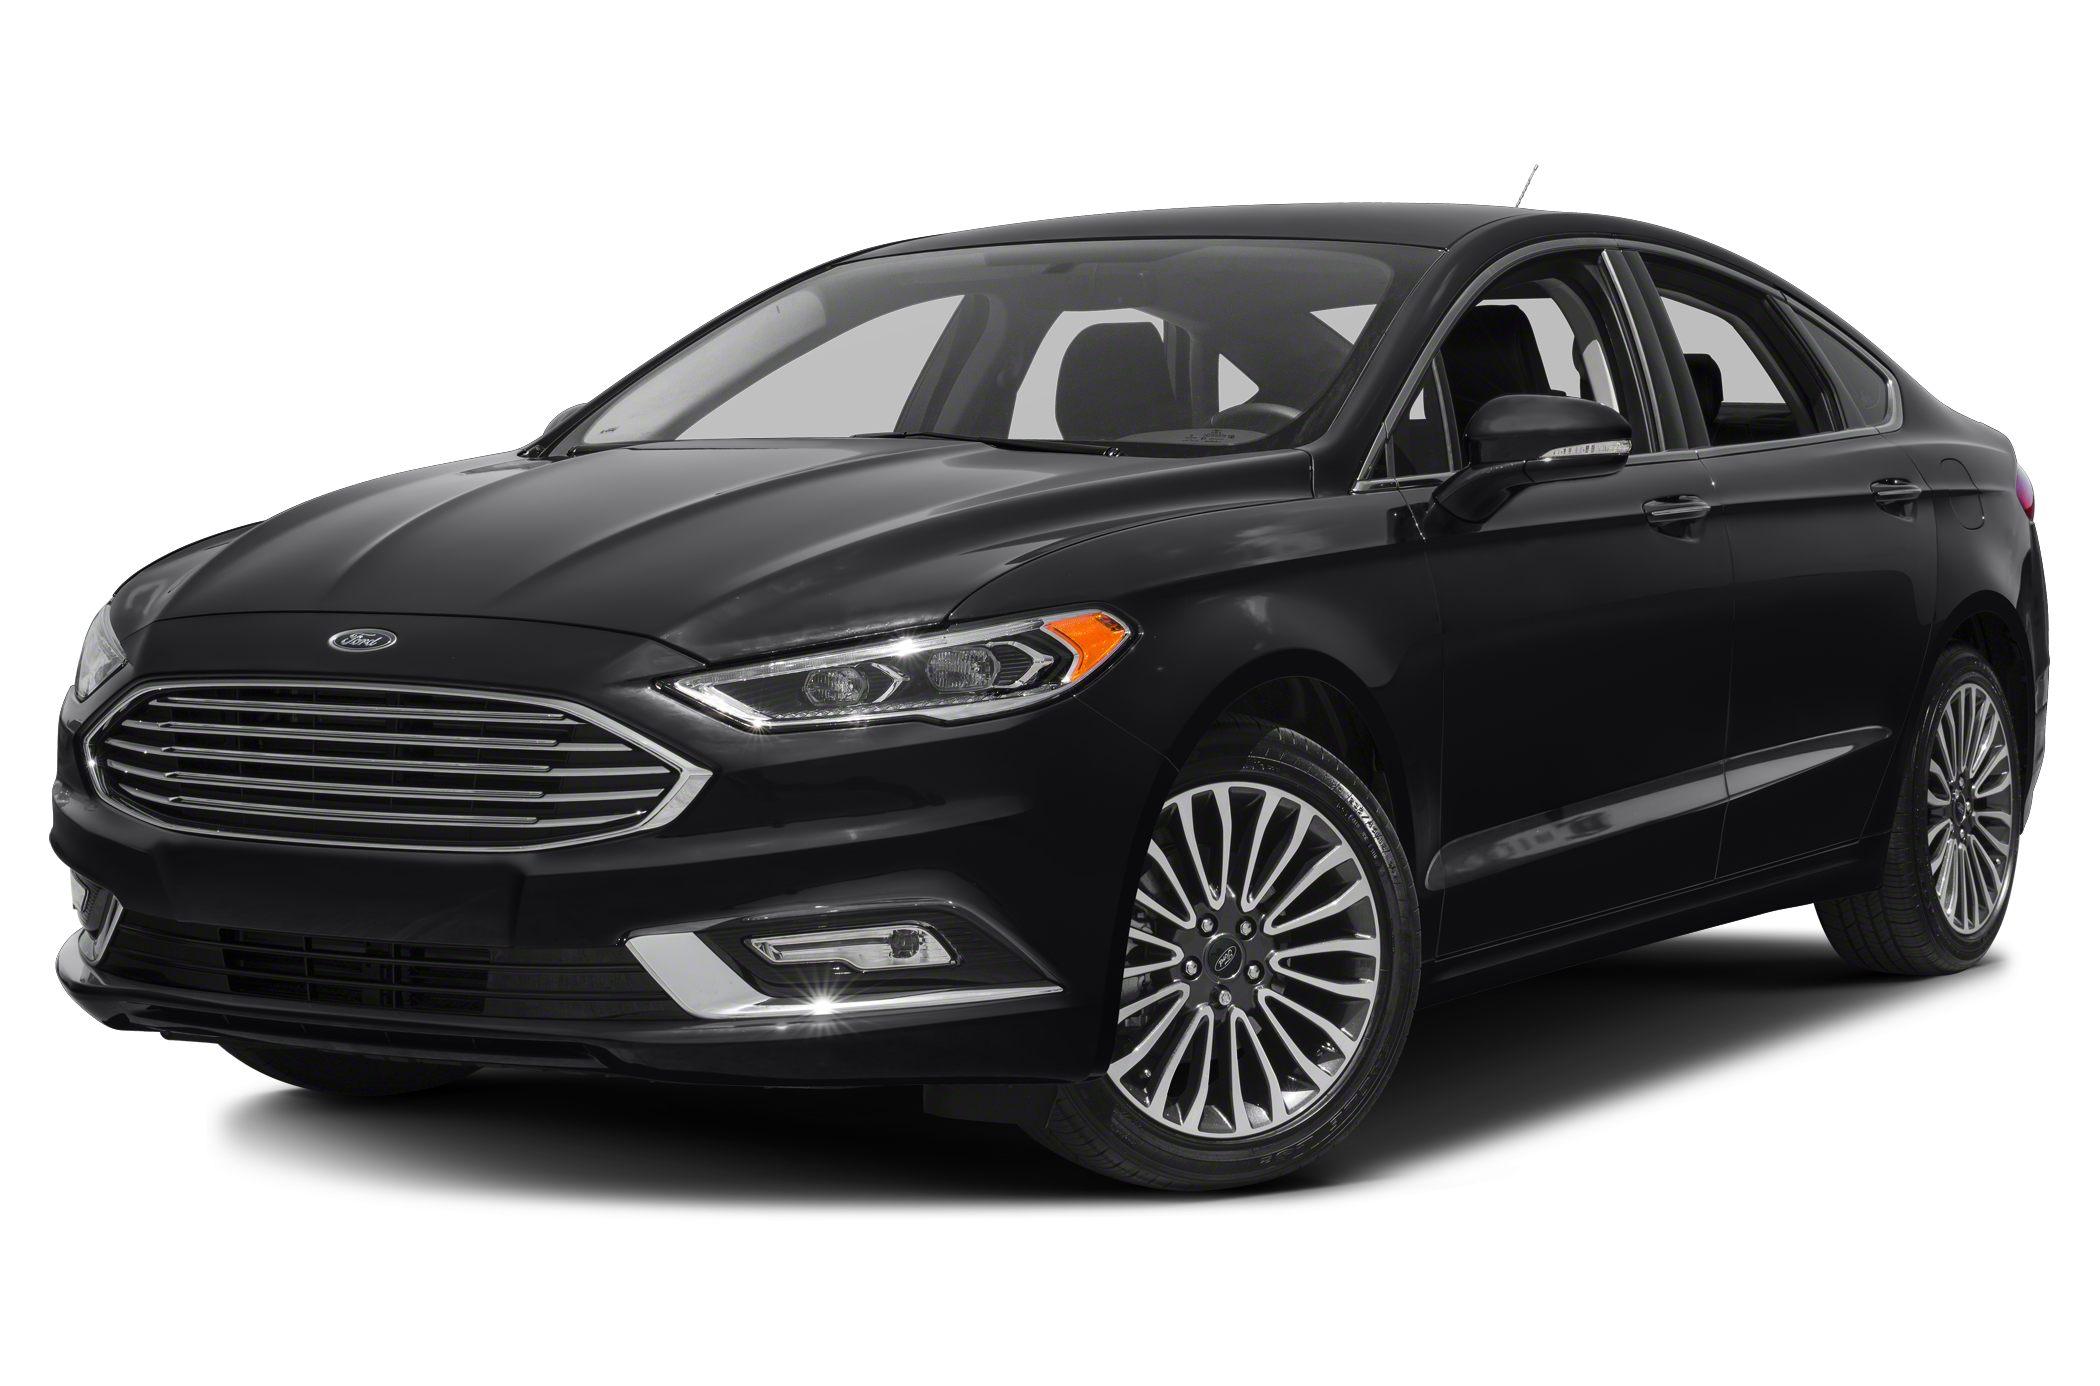 Anium 4dr All Wheel Drive Sedan 2017 Ford Fusion Photos